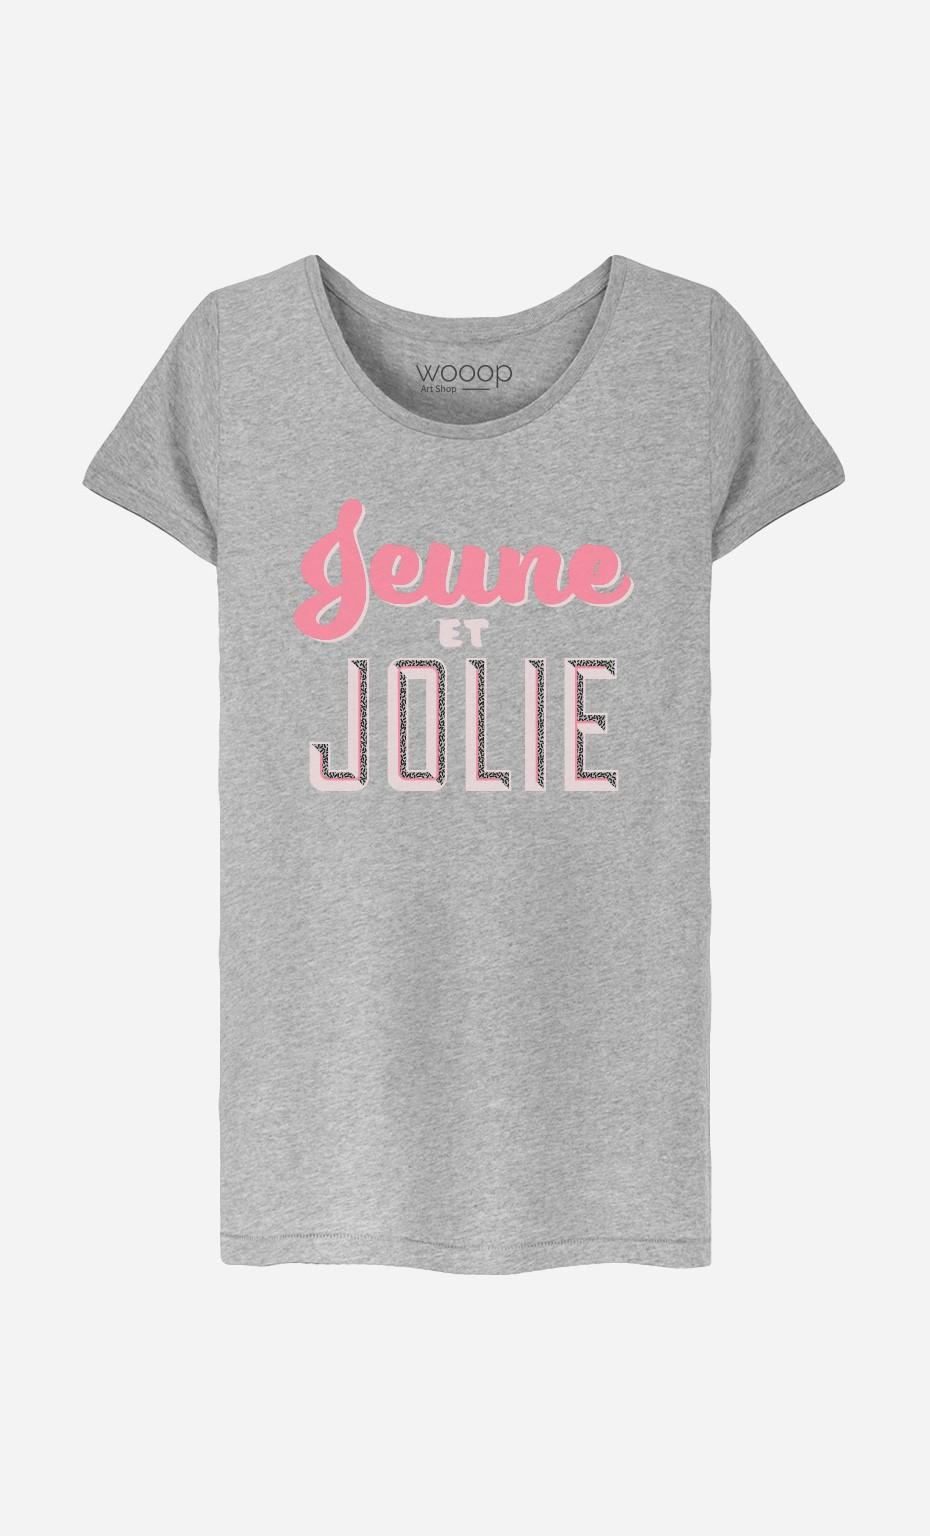 51bc254f1 T-Shirt Femme Jeune et Jolie